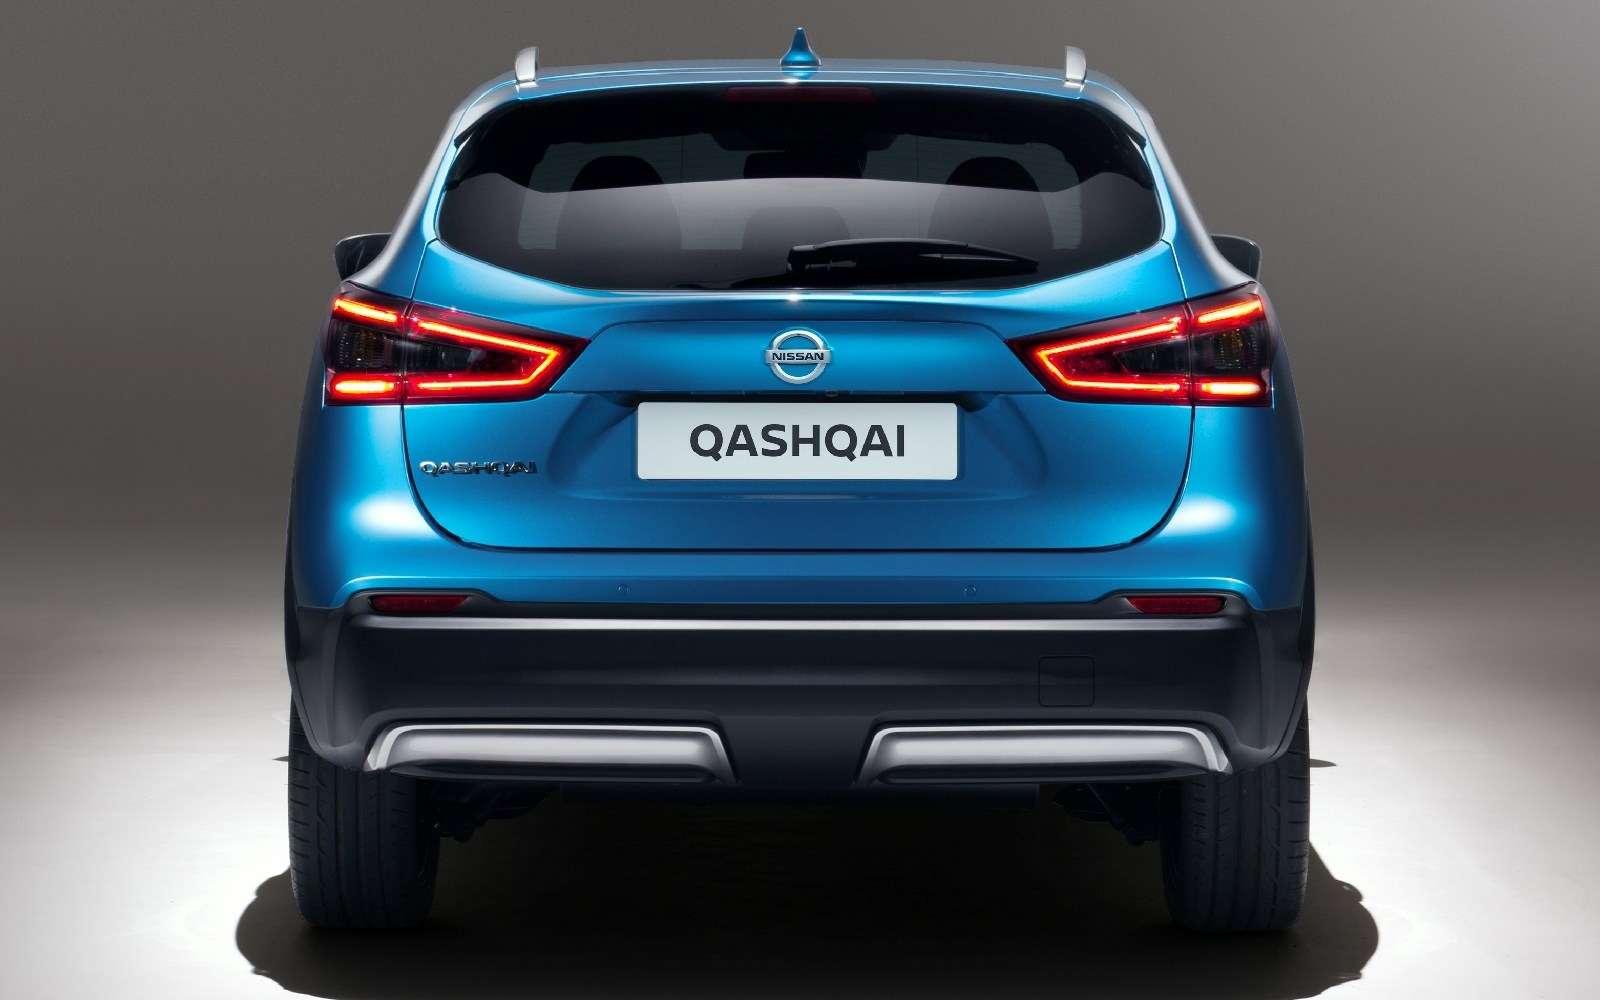 Обновленный Nissan Qashqai: европейский бестселлер самериканским лицом— фото 717709